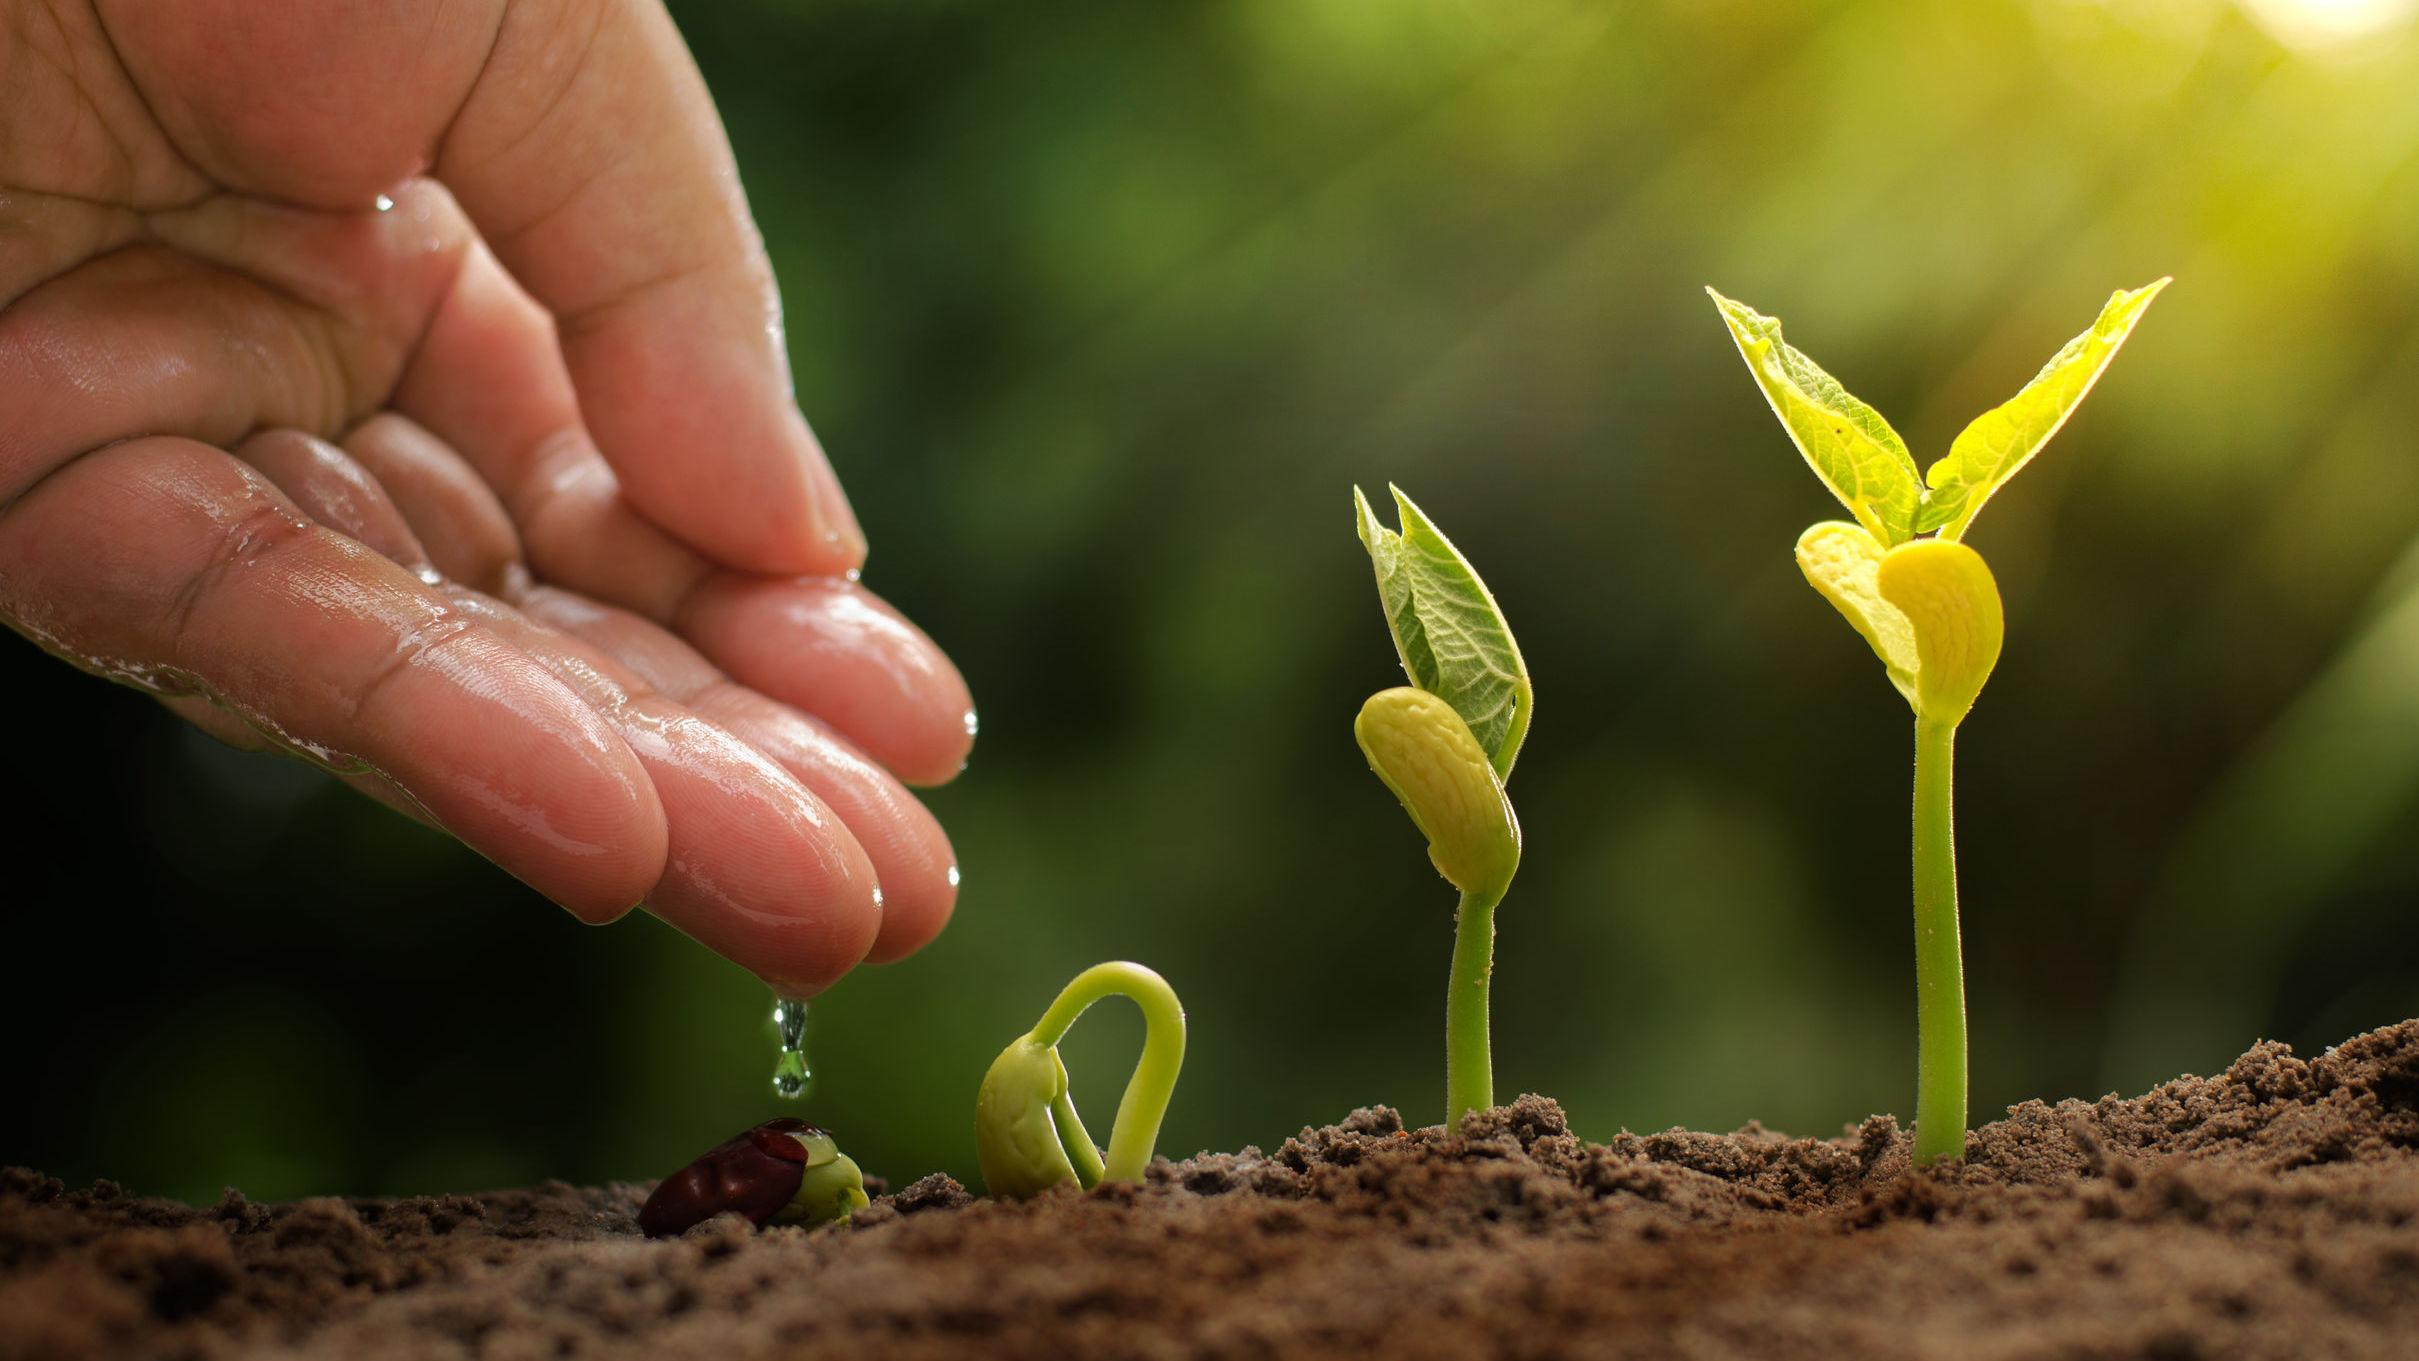 Rijke oogst conferentie Wijk van de Toekomst 2020